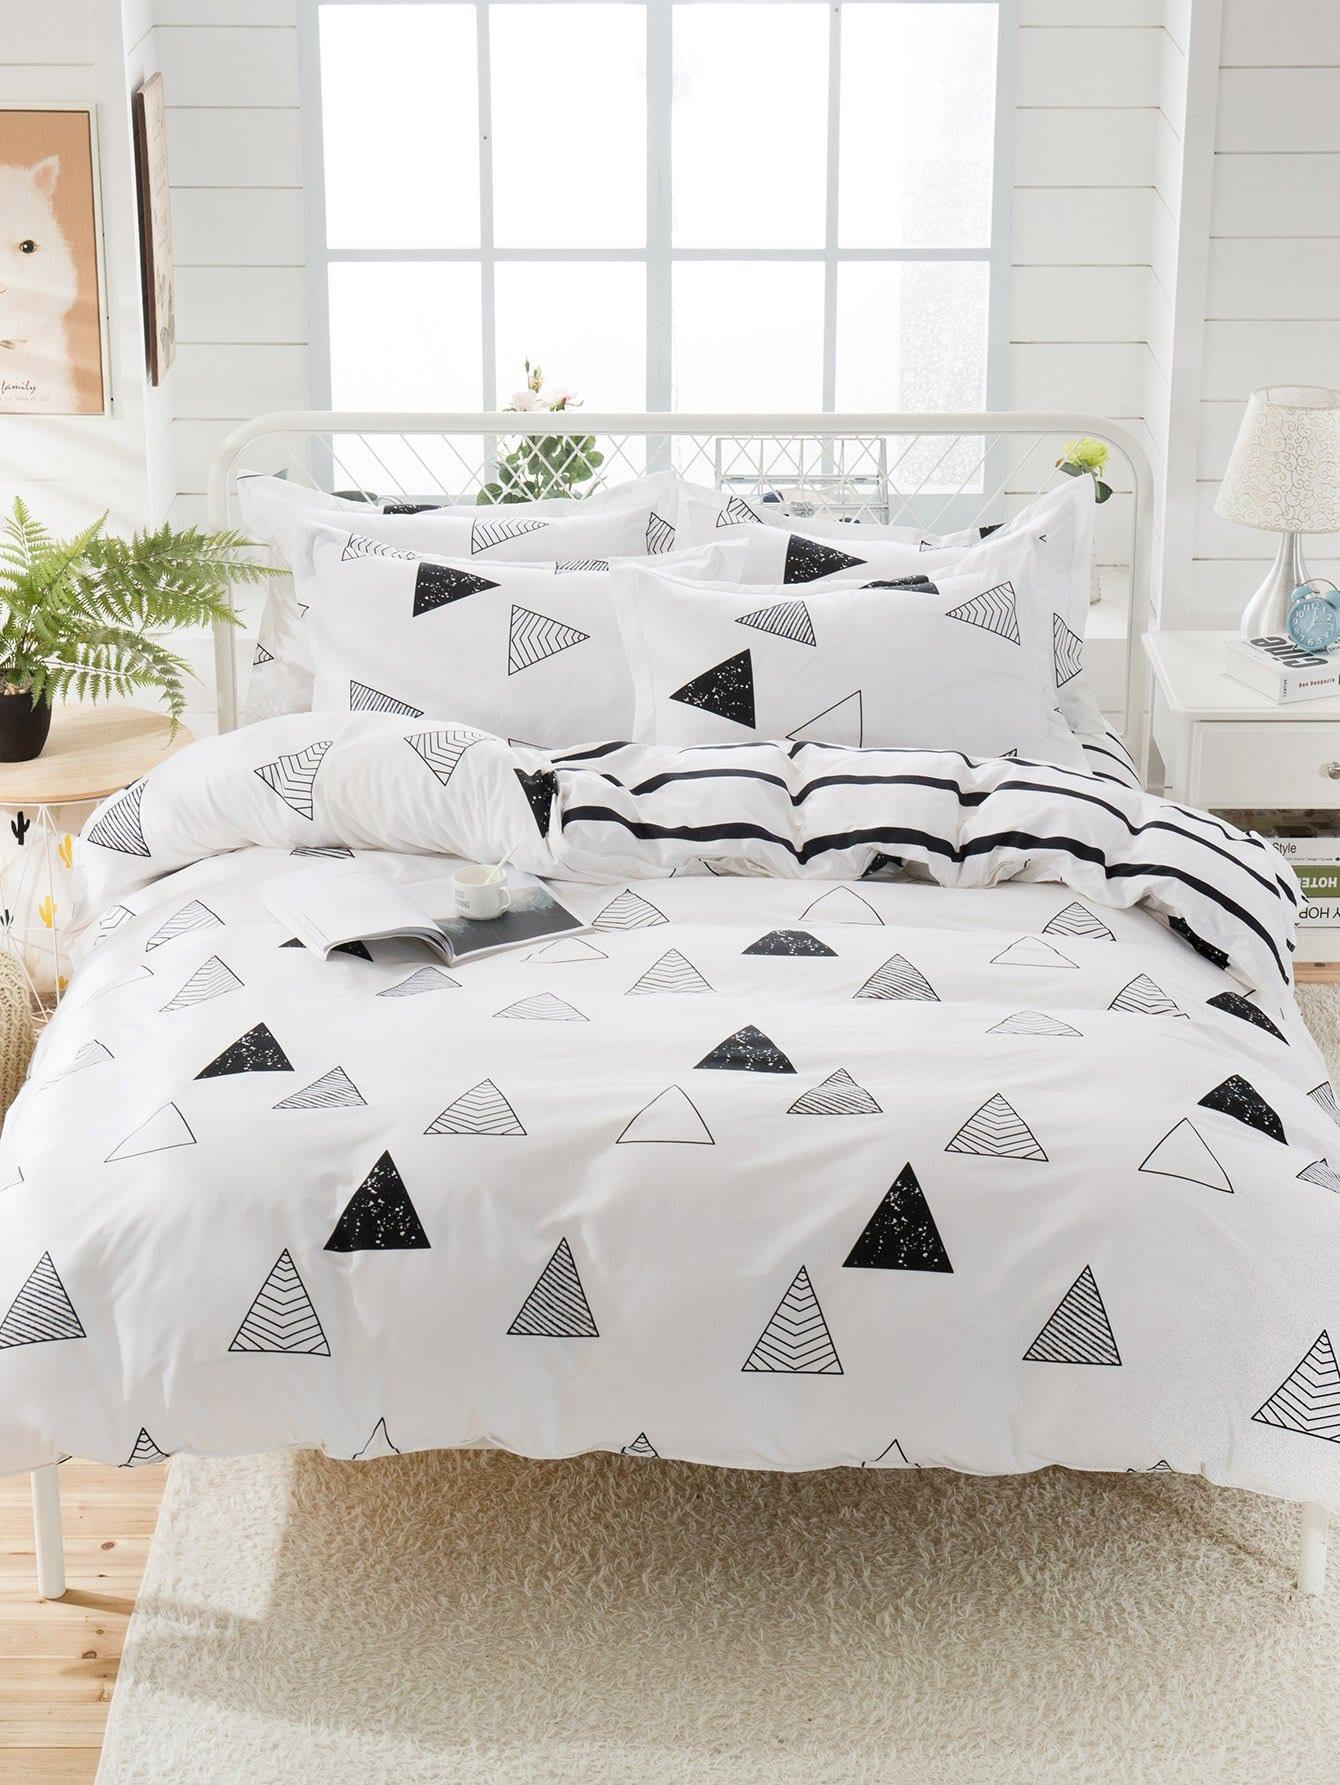 Купить Комплект постельного белья геометрический принт и полоски, null, SheIn